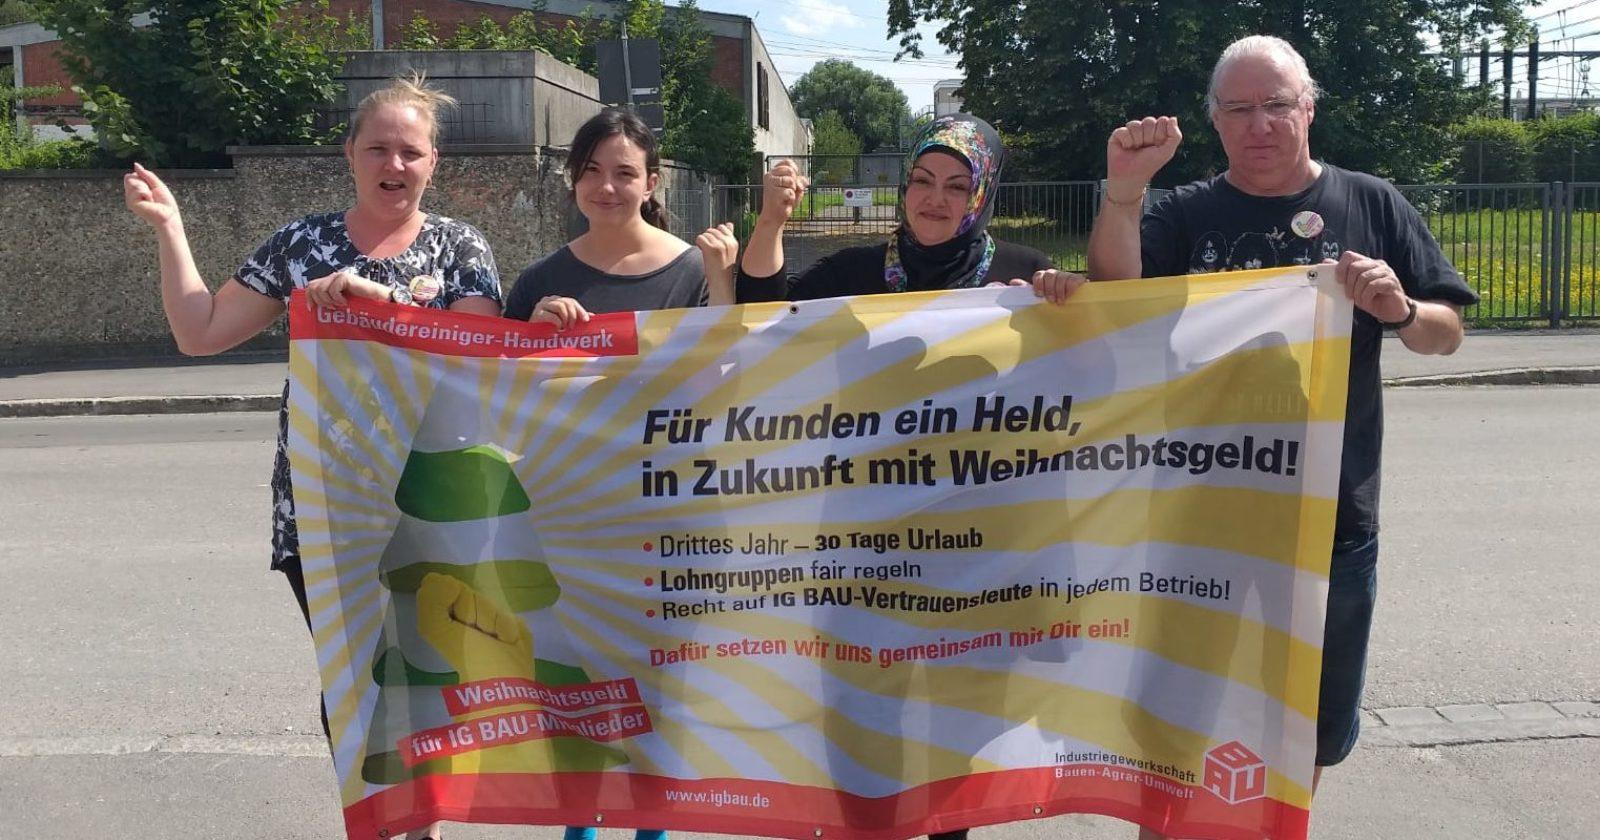 Reinigungskräfte von Max Schmidt in Augsburg stehen zu den Forderungen der IG BAU